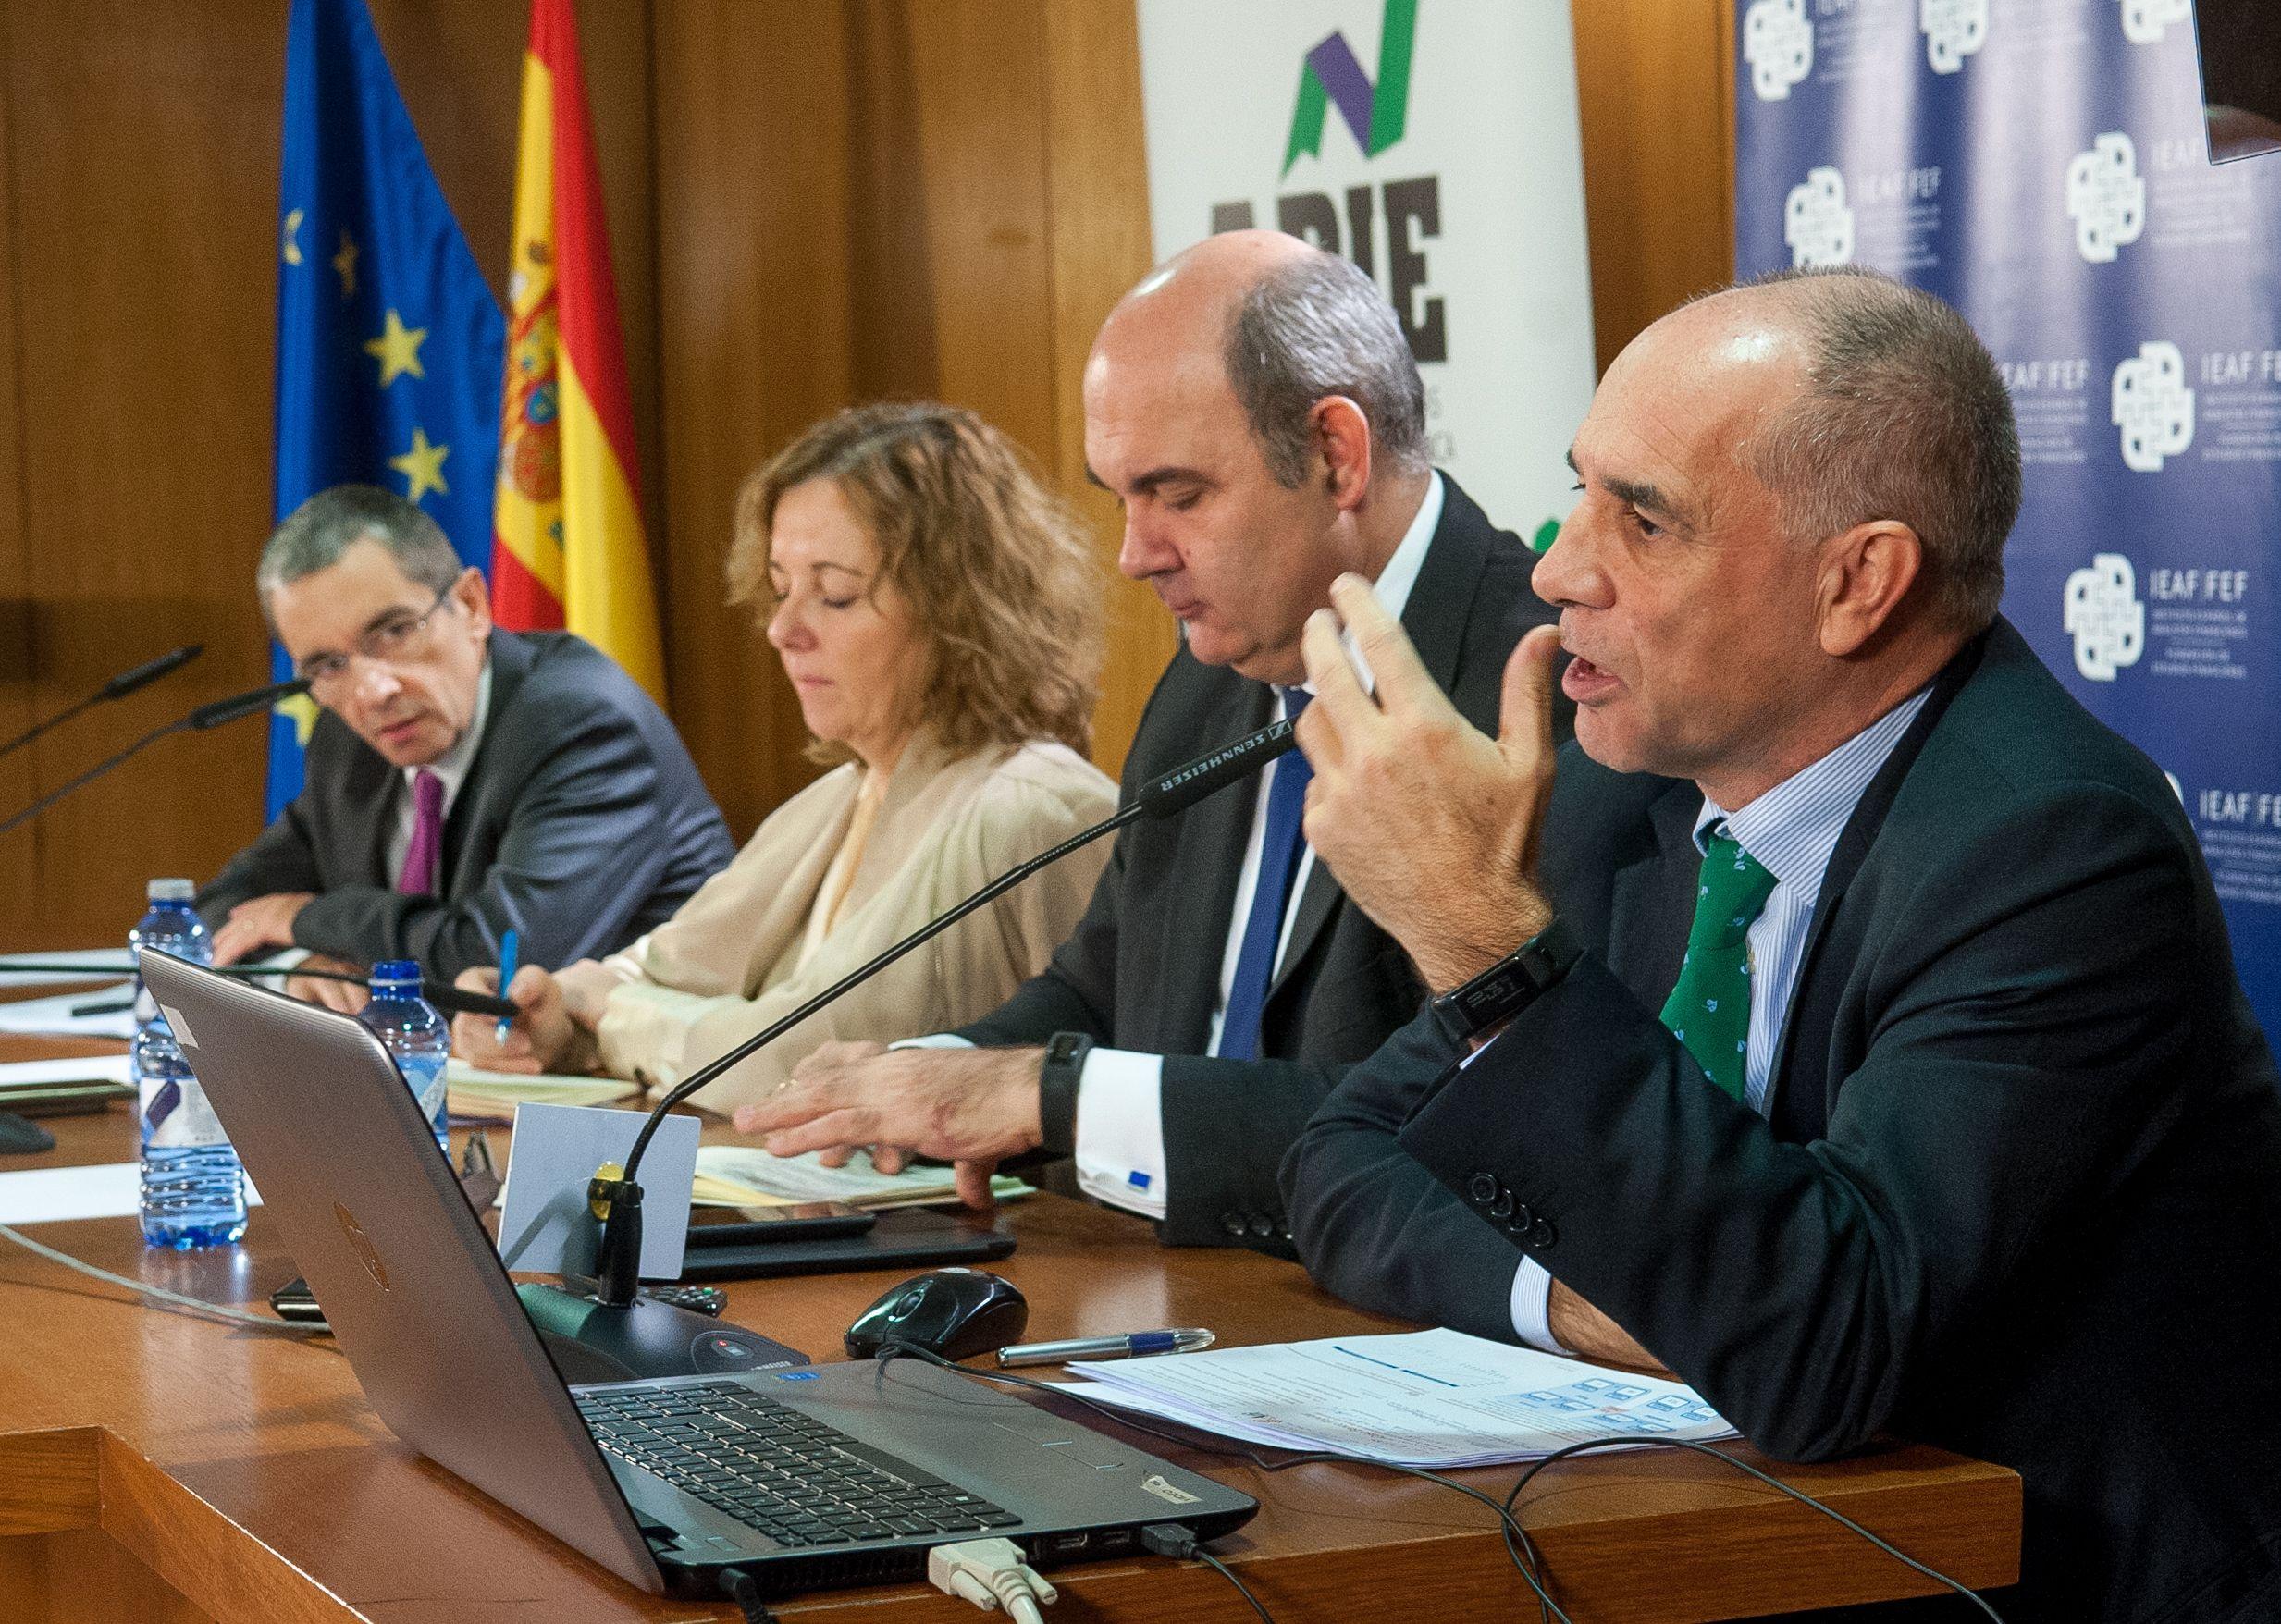 Ángel Bergés, Vicepresidente de AFI, en las II Jornadas sobre Resolución Bancaria organizadas por IEAF-FEF y APIE.